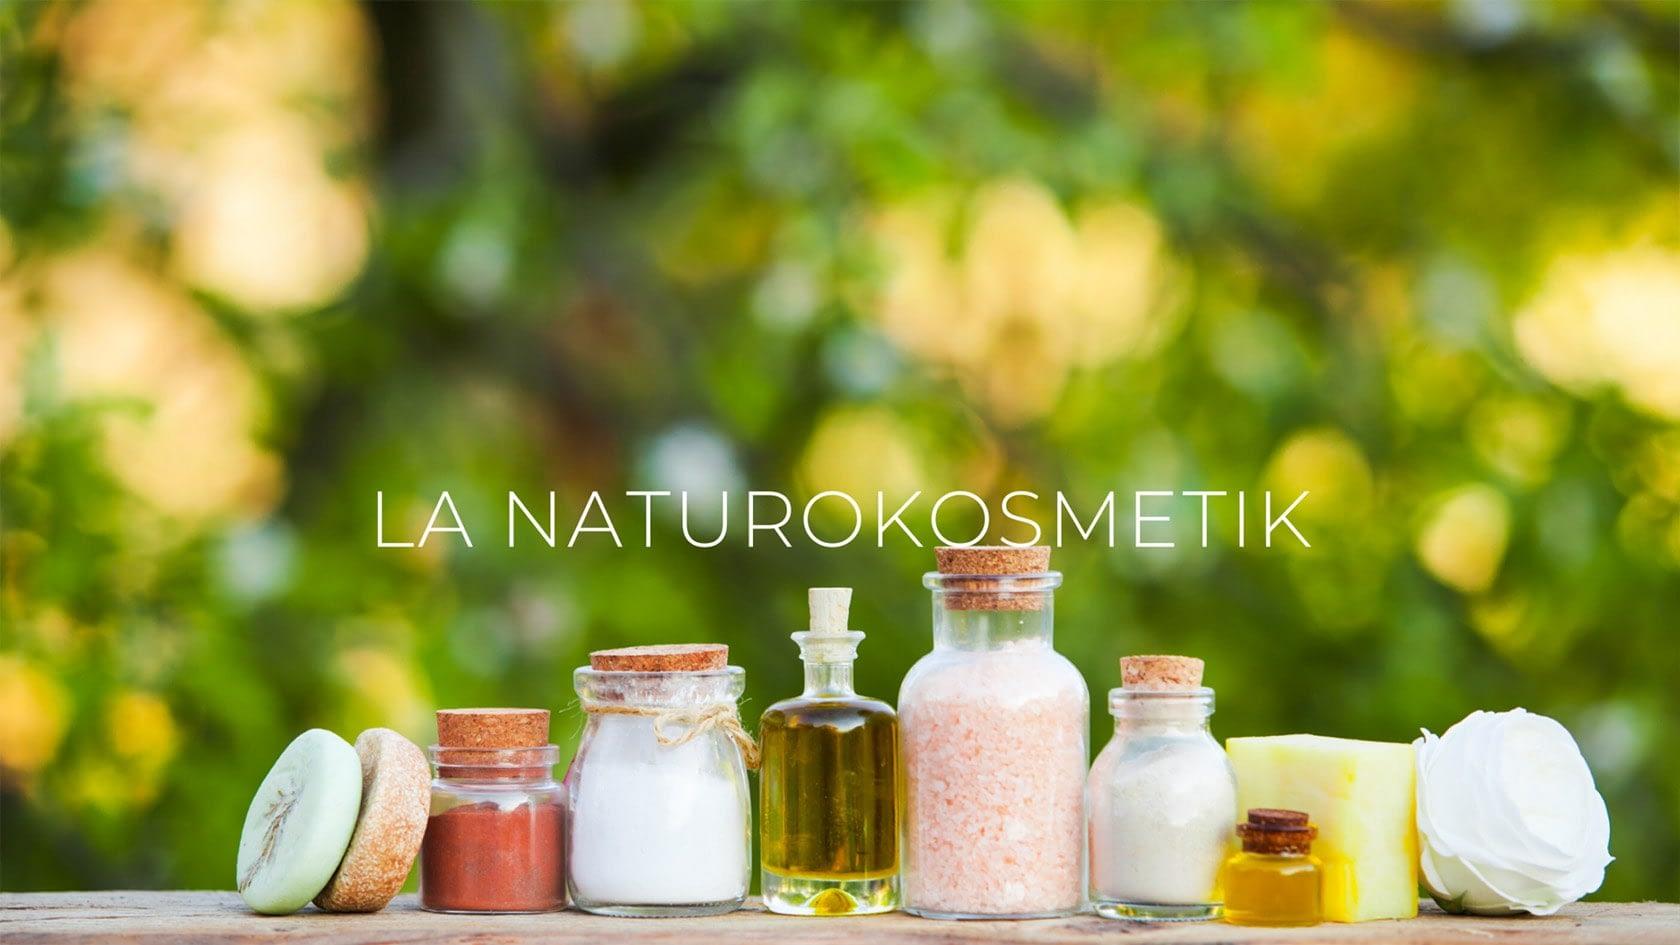 Quels sont les avantages de la naturokosmetik